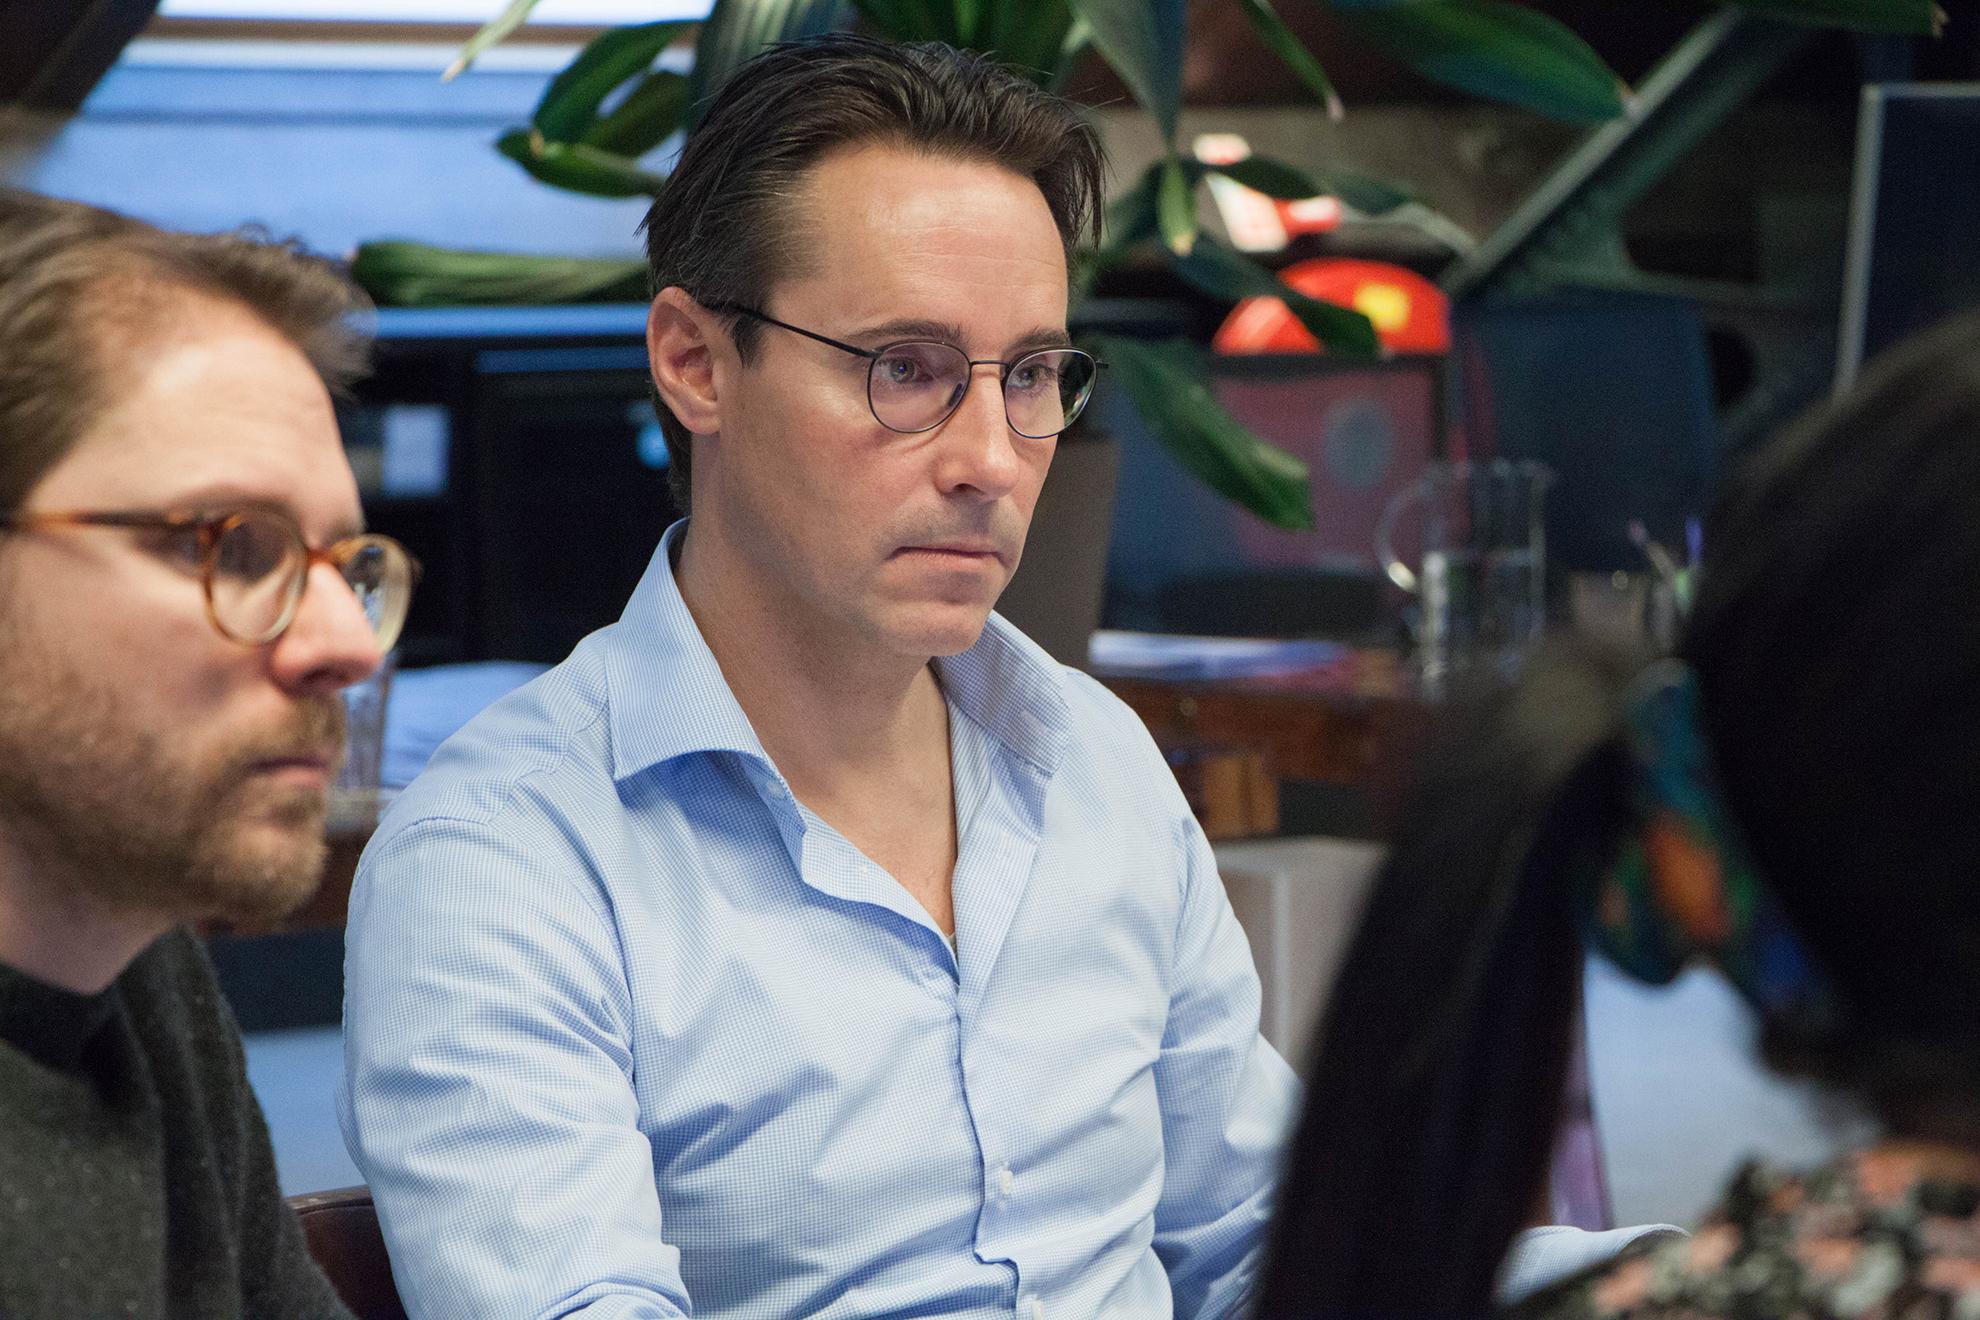 Interview with Mark van den Elzen